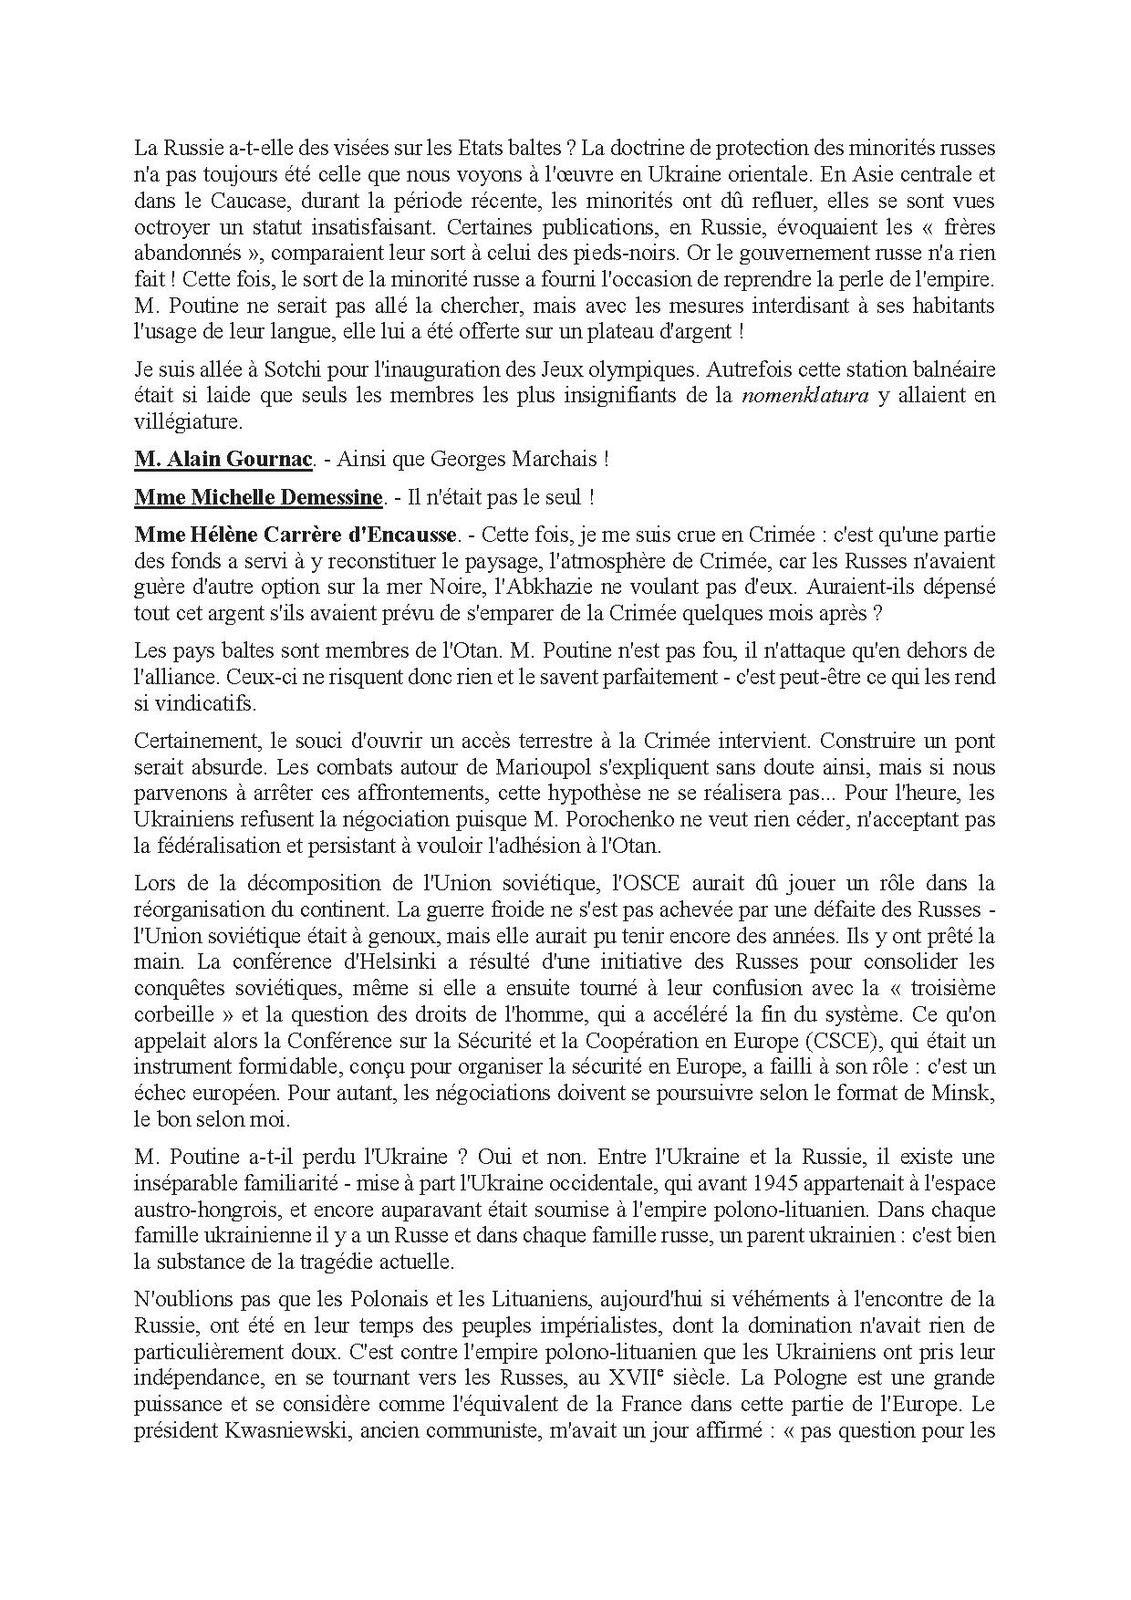 SENAT : COMPTES RENDUS DE LA COMMISSION DES AFFAIRES ETRANGERES, DE LA DEFENSE ET DES FORCES ARMEES